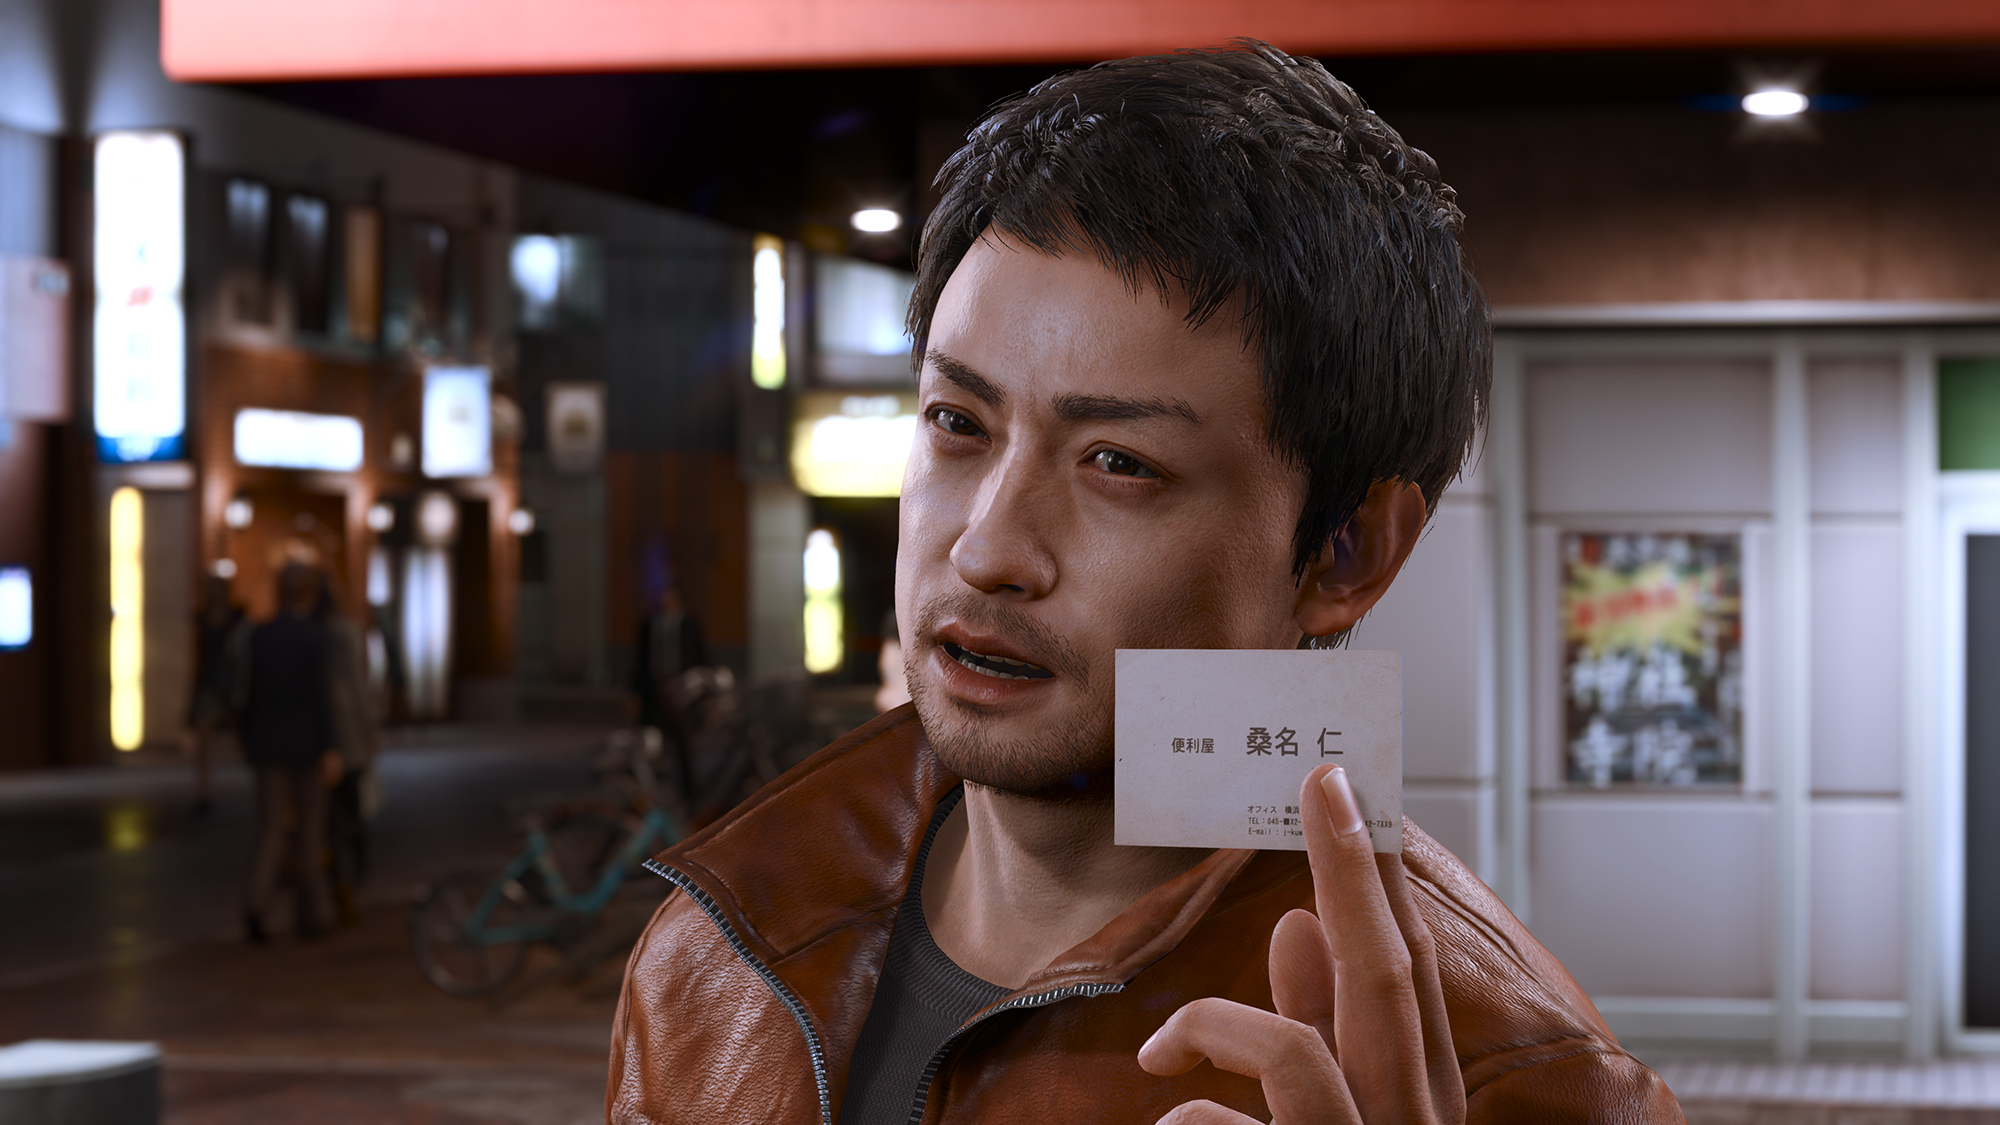 伊勢佐木異人町で便利屋として活動している。八神をライバル視するシーンも